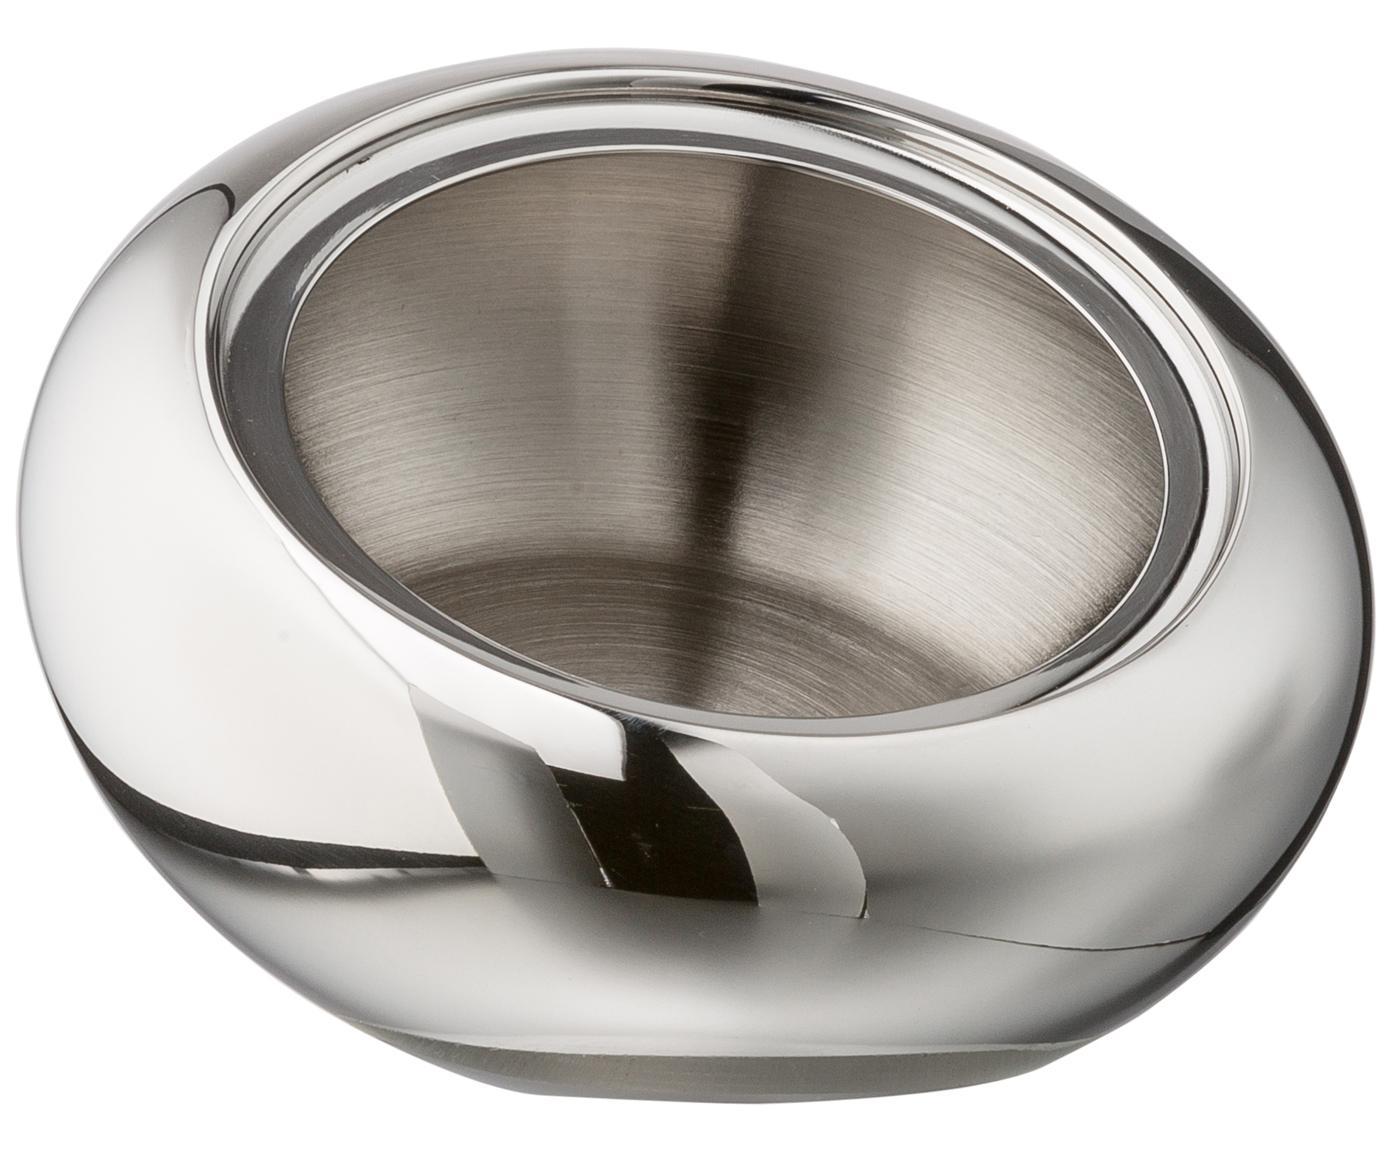 Aufbewahrungsdose Onion, Dose: Edelstahl, hochglanzpolie, Deckel: Eiche, Dose: Edelstahl, glänzend<br>Deckel: Eiche, Ø 12 x H 11 cm